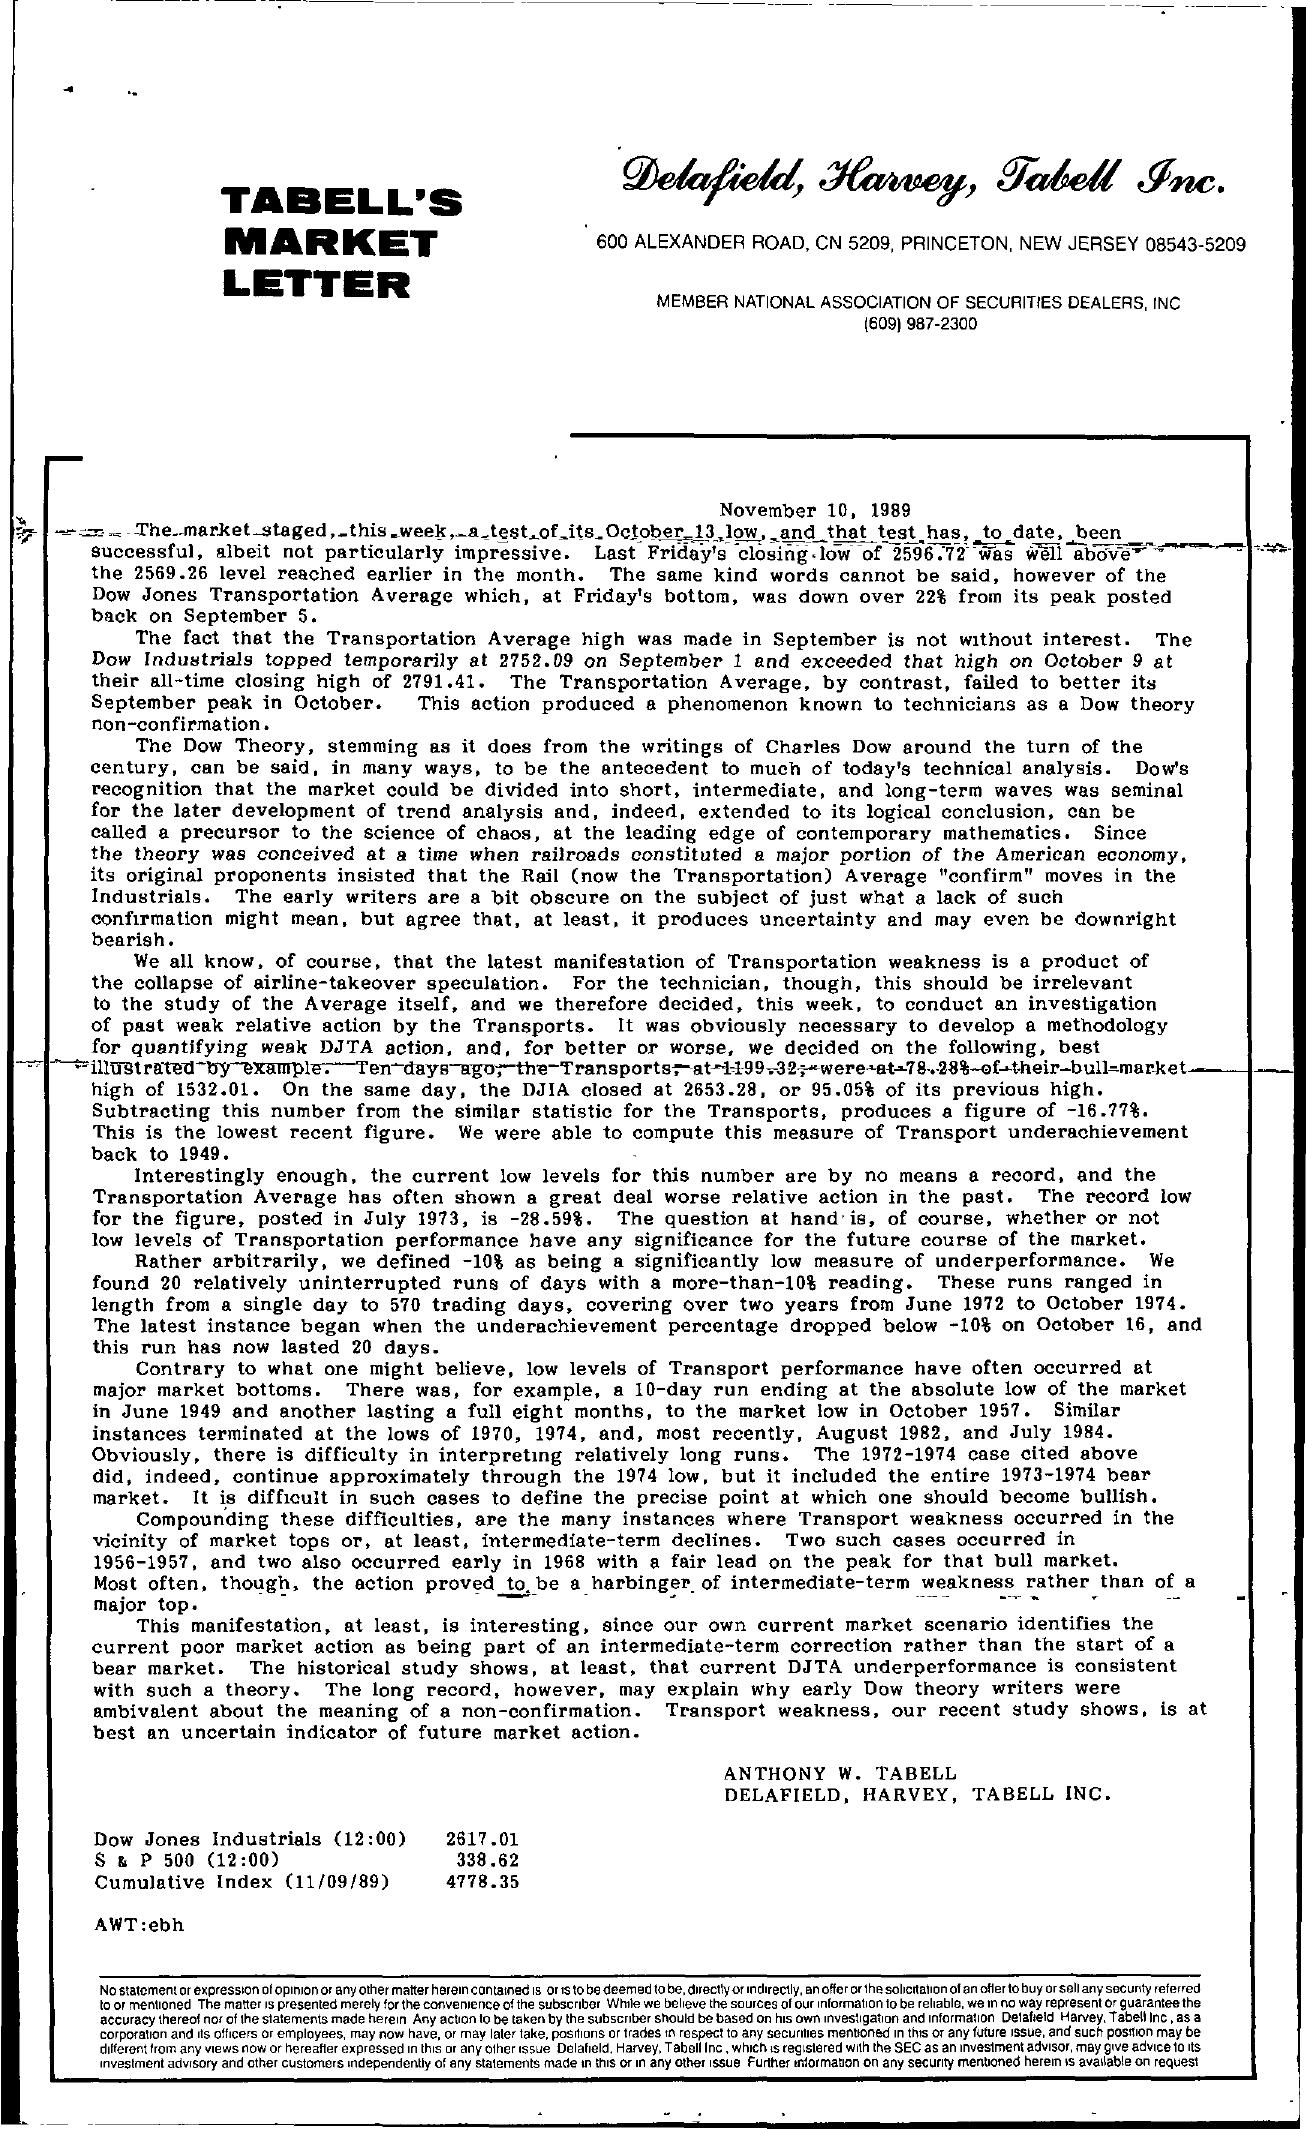 Tabell's Market Letter - November 10, 1989